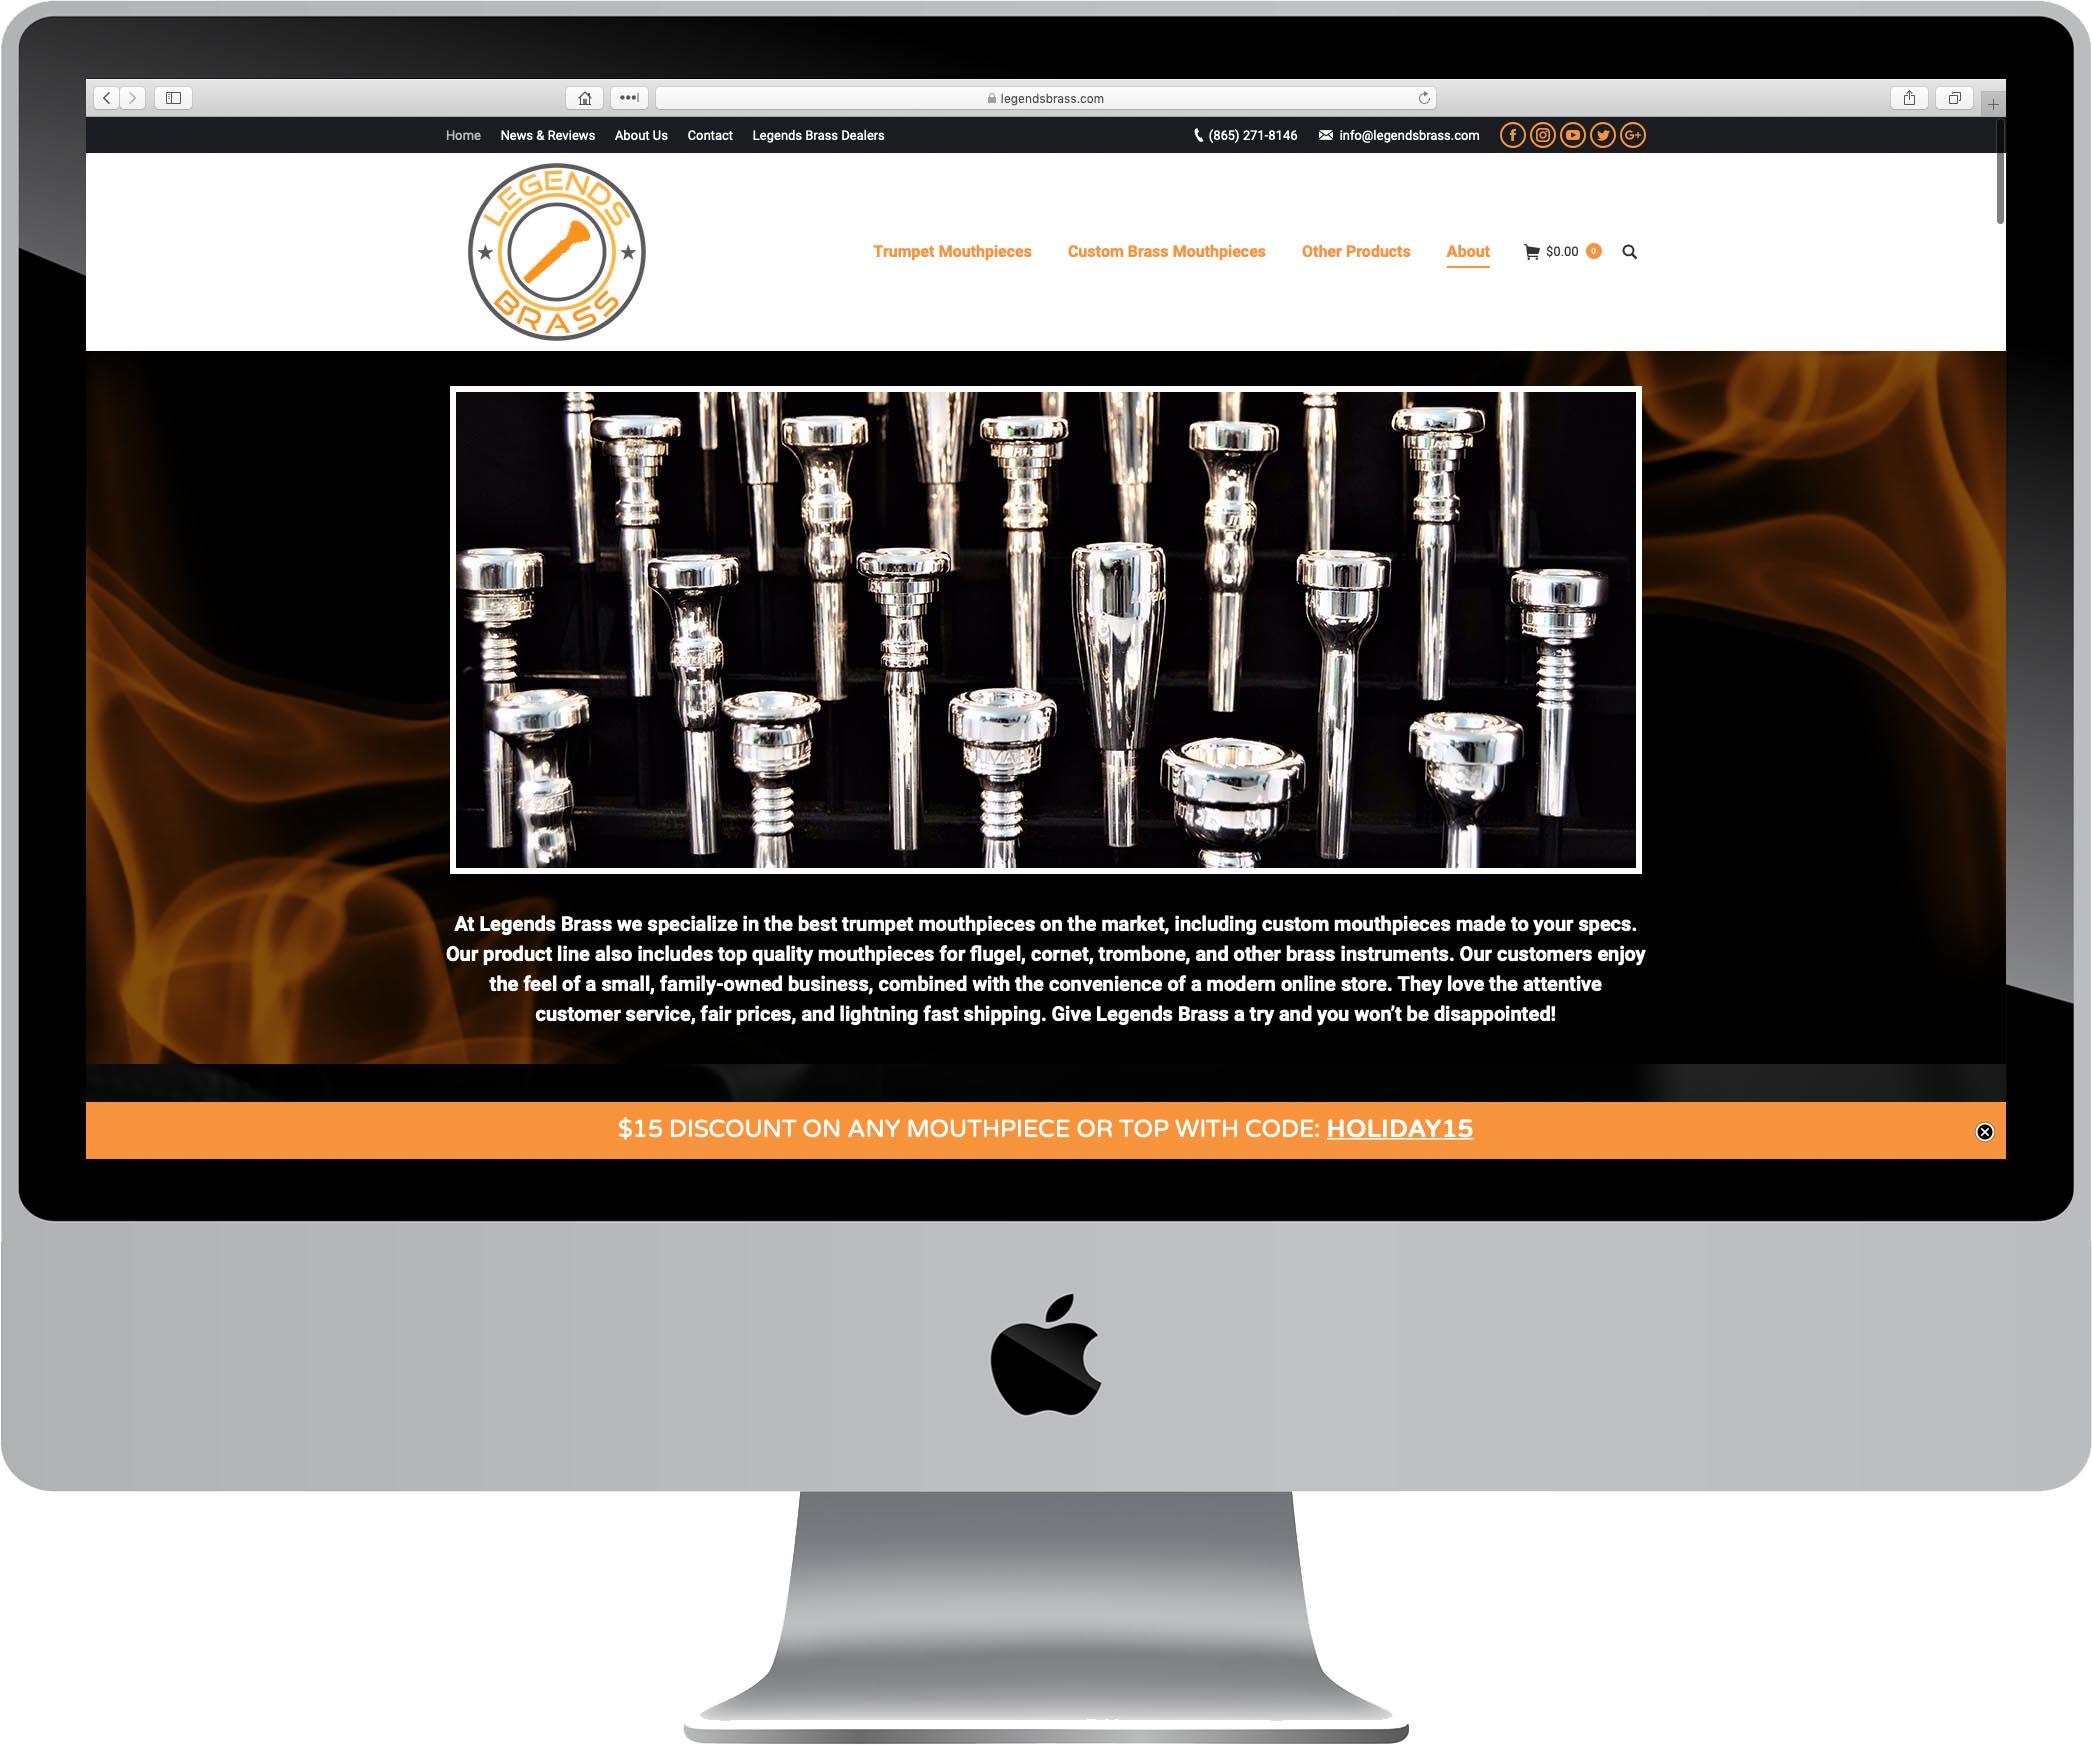 Legends Brass Website Design